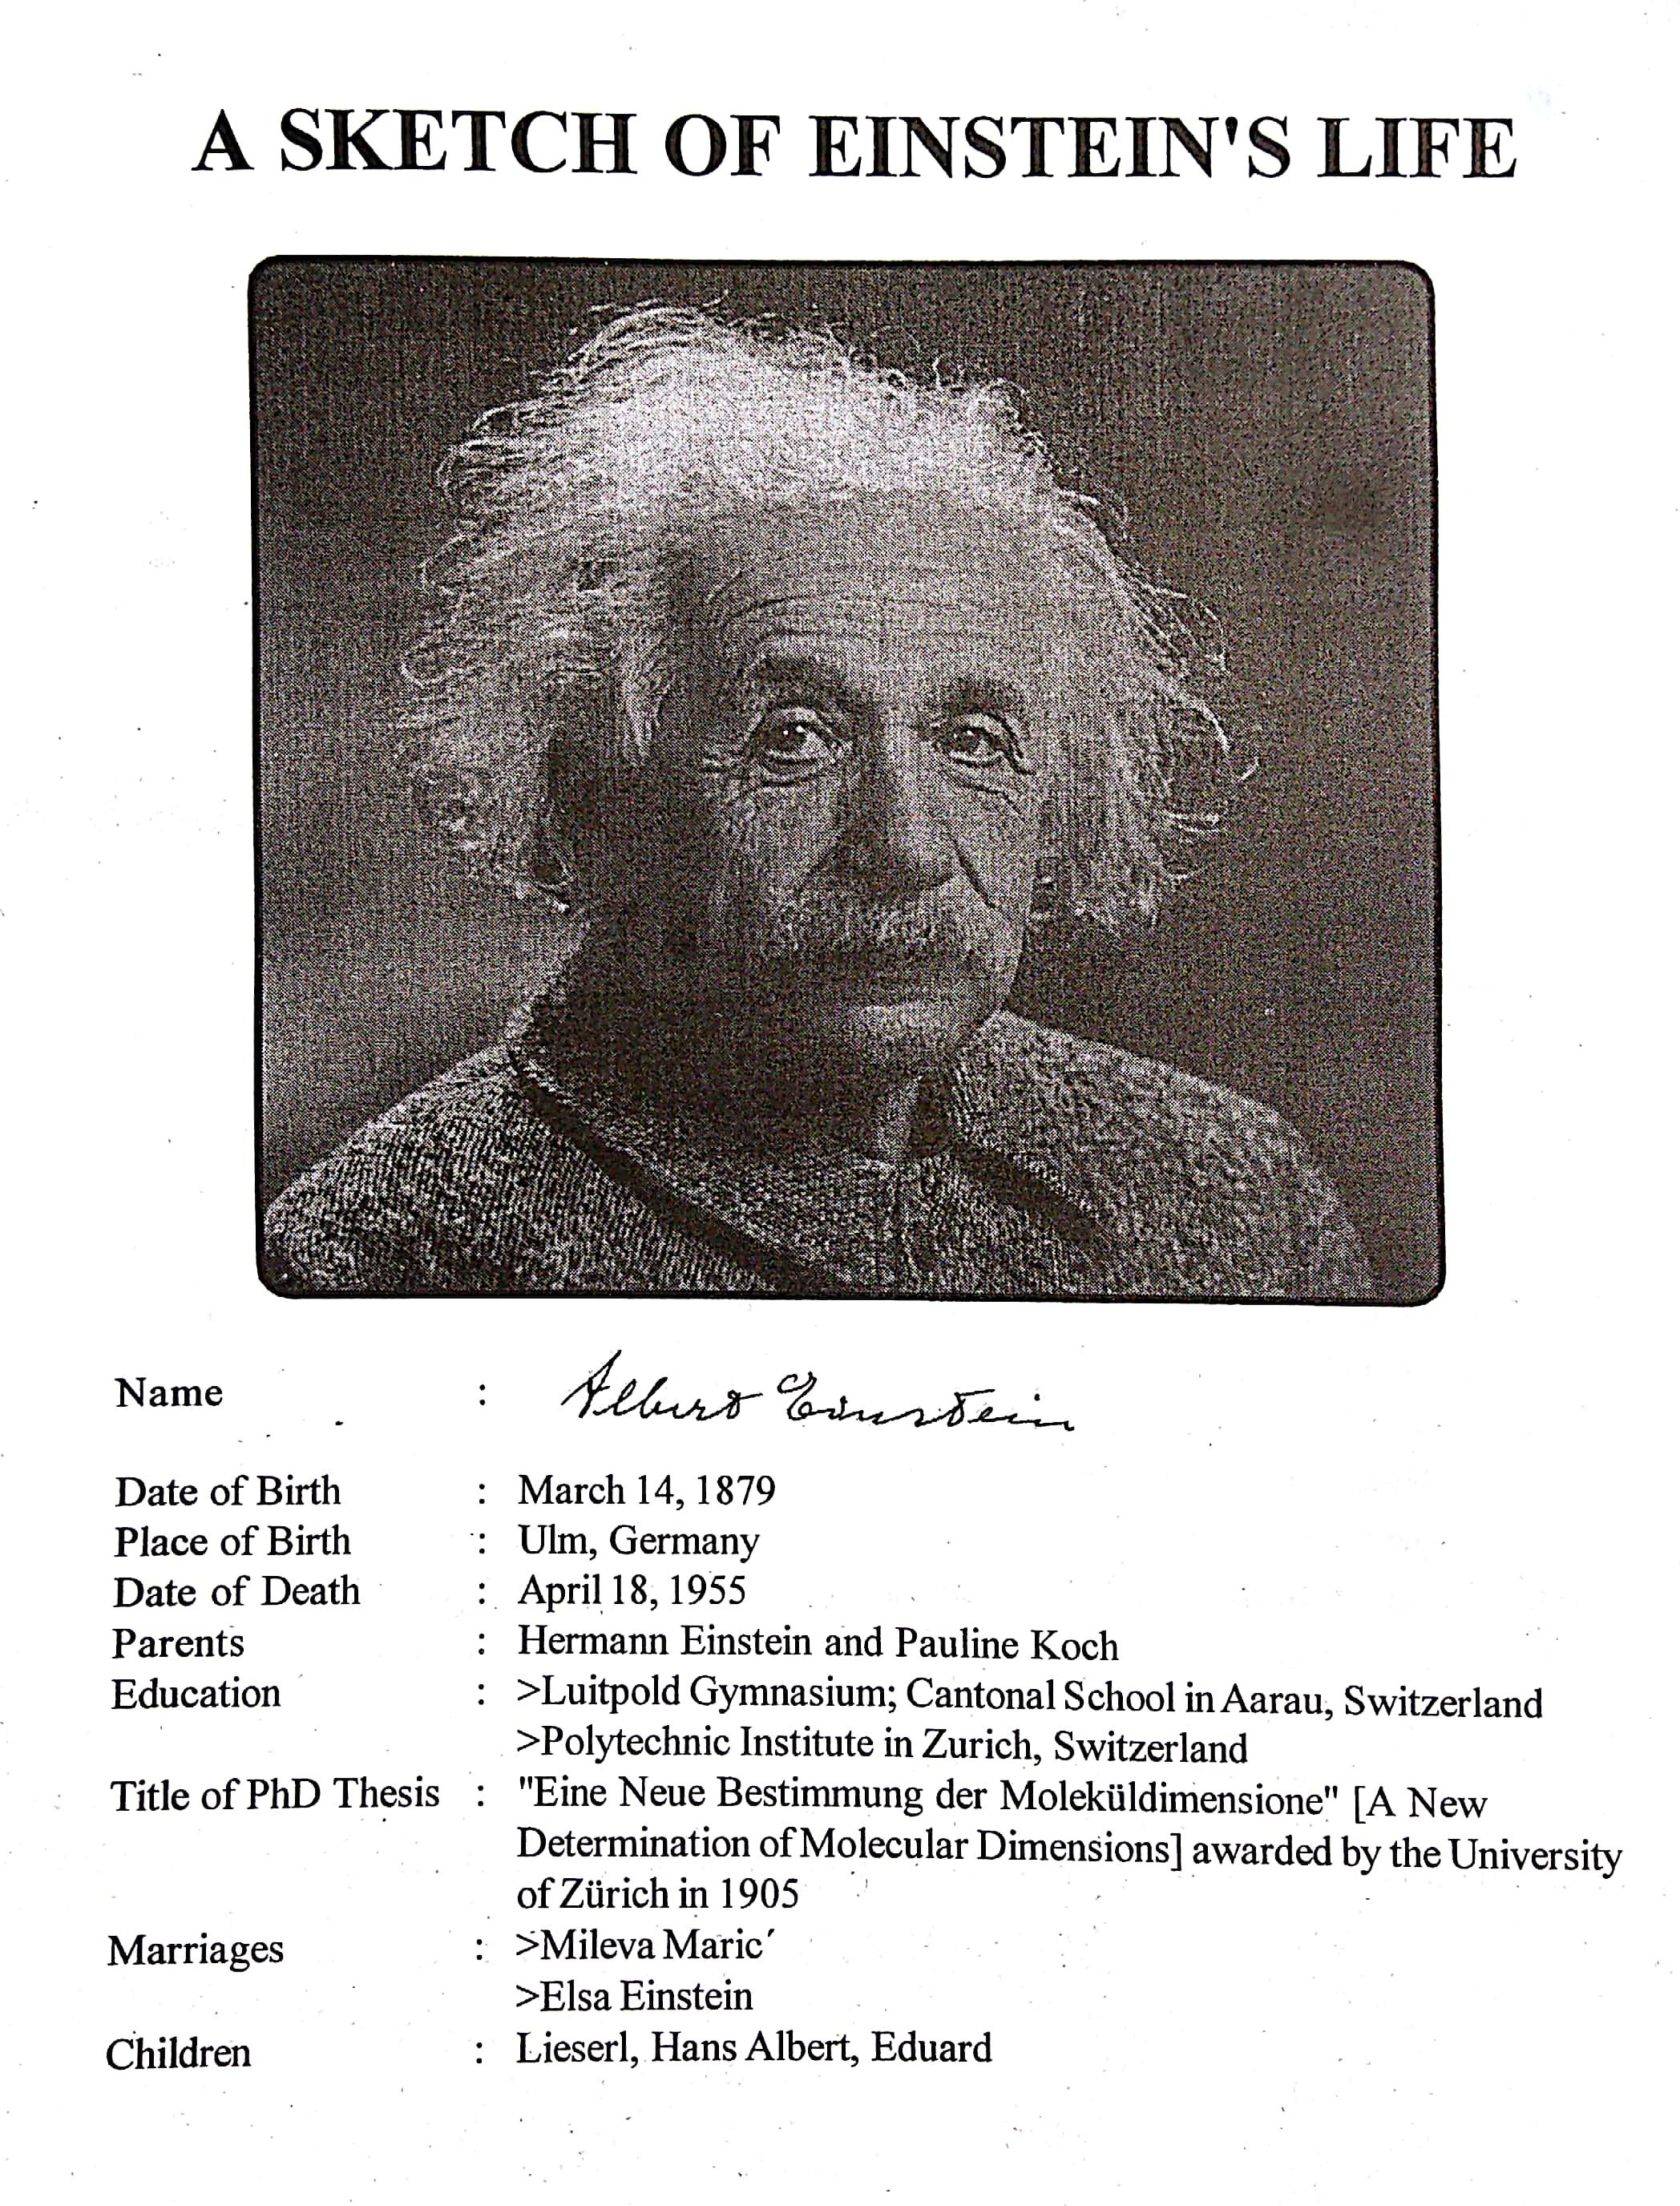 Einstein's Life